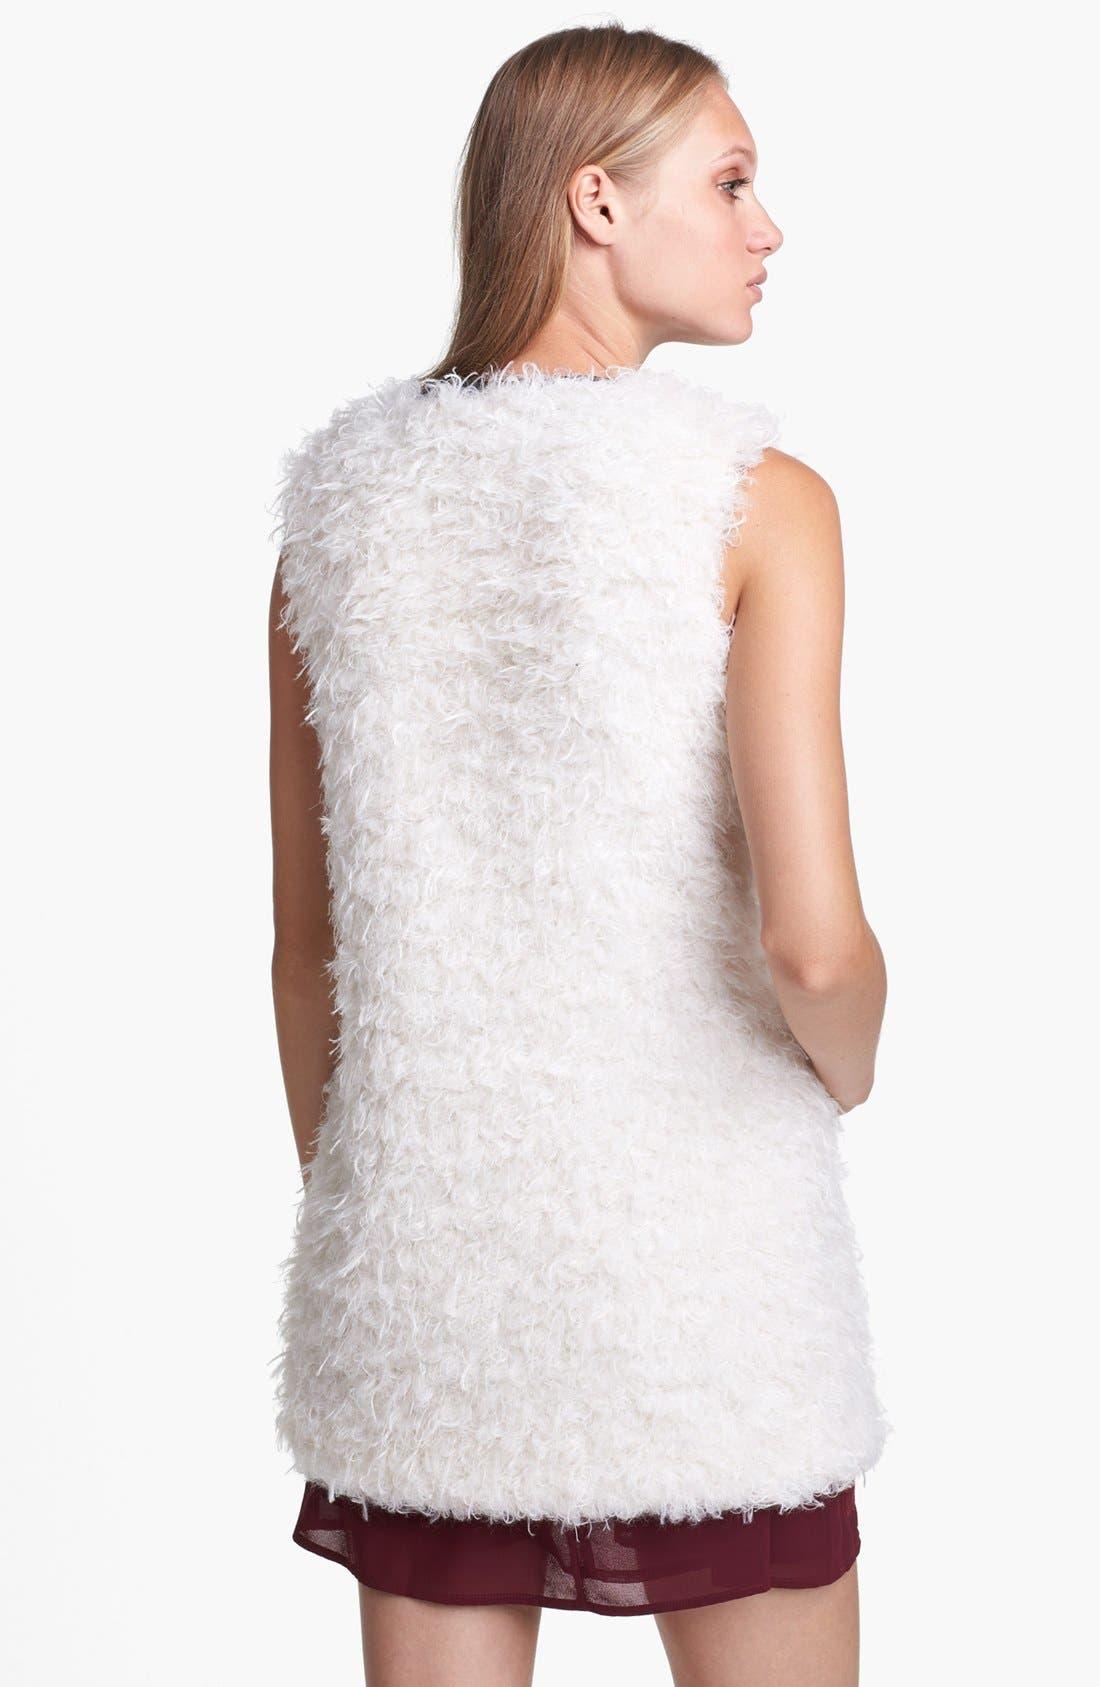 ASTR Faux Leather Trim Fuzzy Vest,                             Alternate thumbnail 2, color,                             250